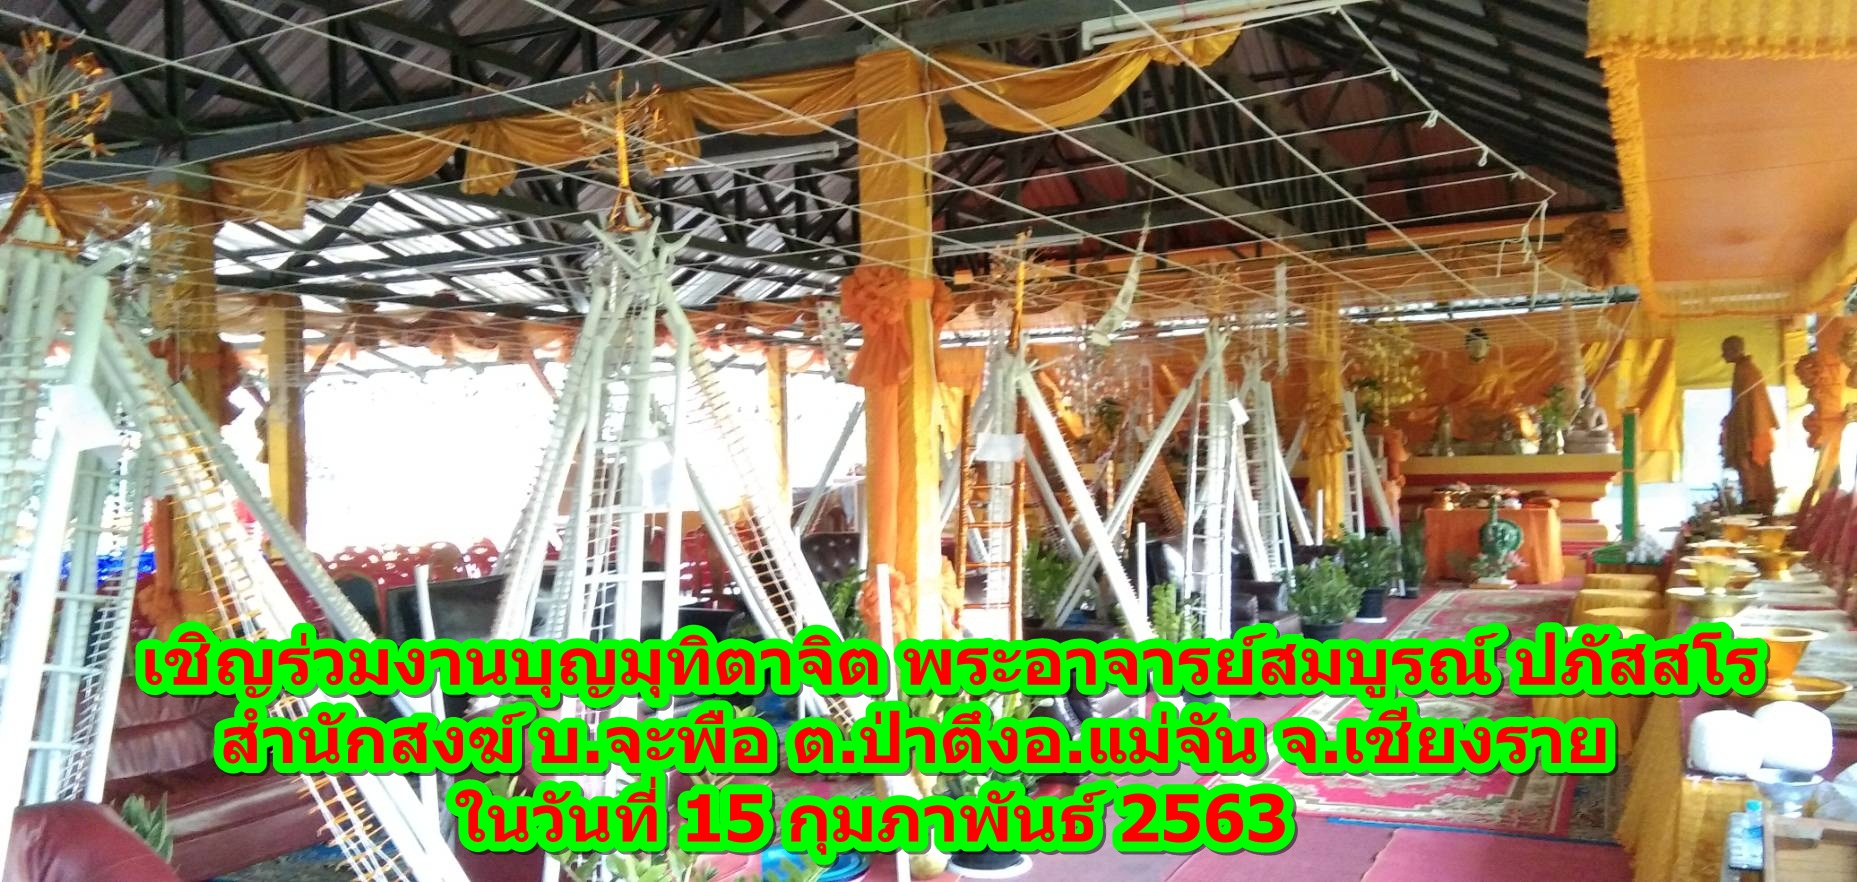 เชิญร่วมงานบุญมุทิตาจิต พระอาจารย์สมบูรณ์ ปภัสสโร สำนักสงฆ์ บ.จะพือ ต.ป่าตึง อ.แม่จัน จ.เชียงราย ในวันที่ 15 กุมภาพันธ์ 2563